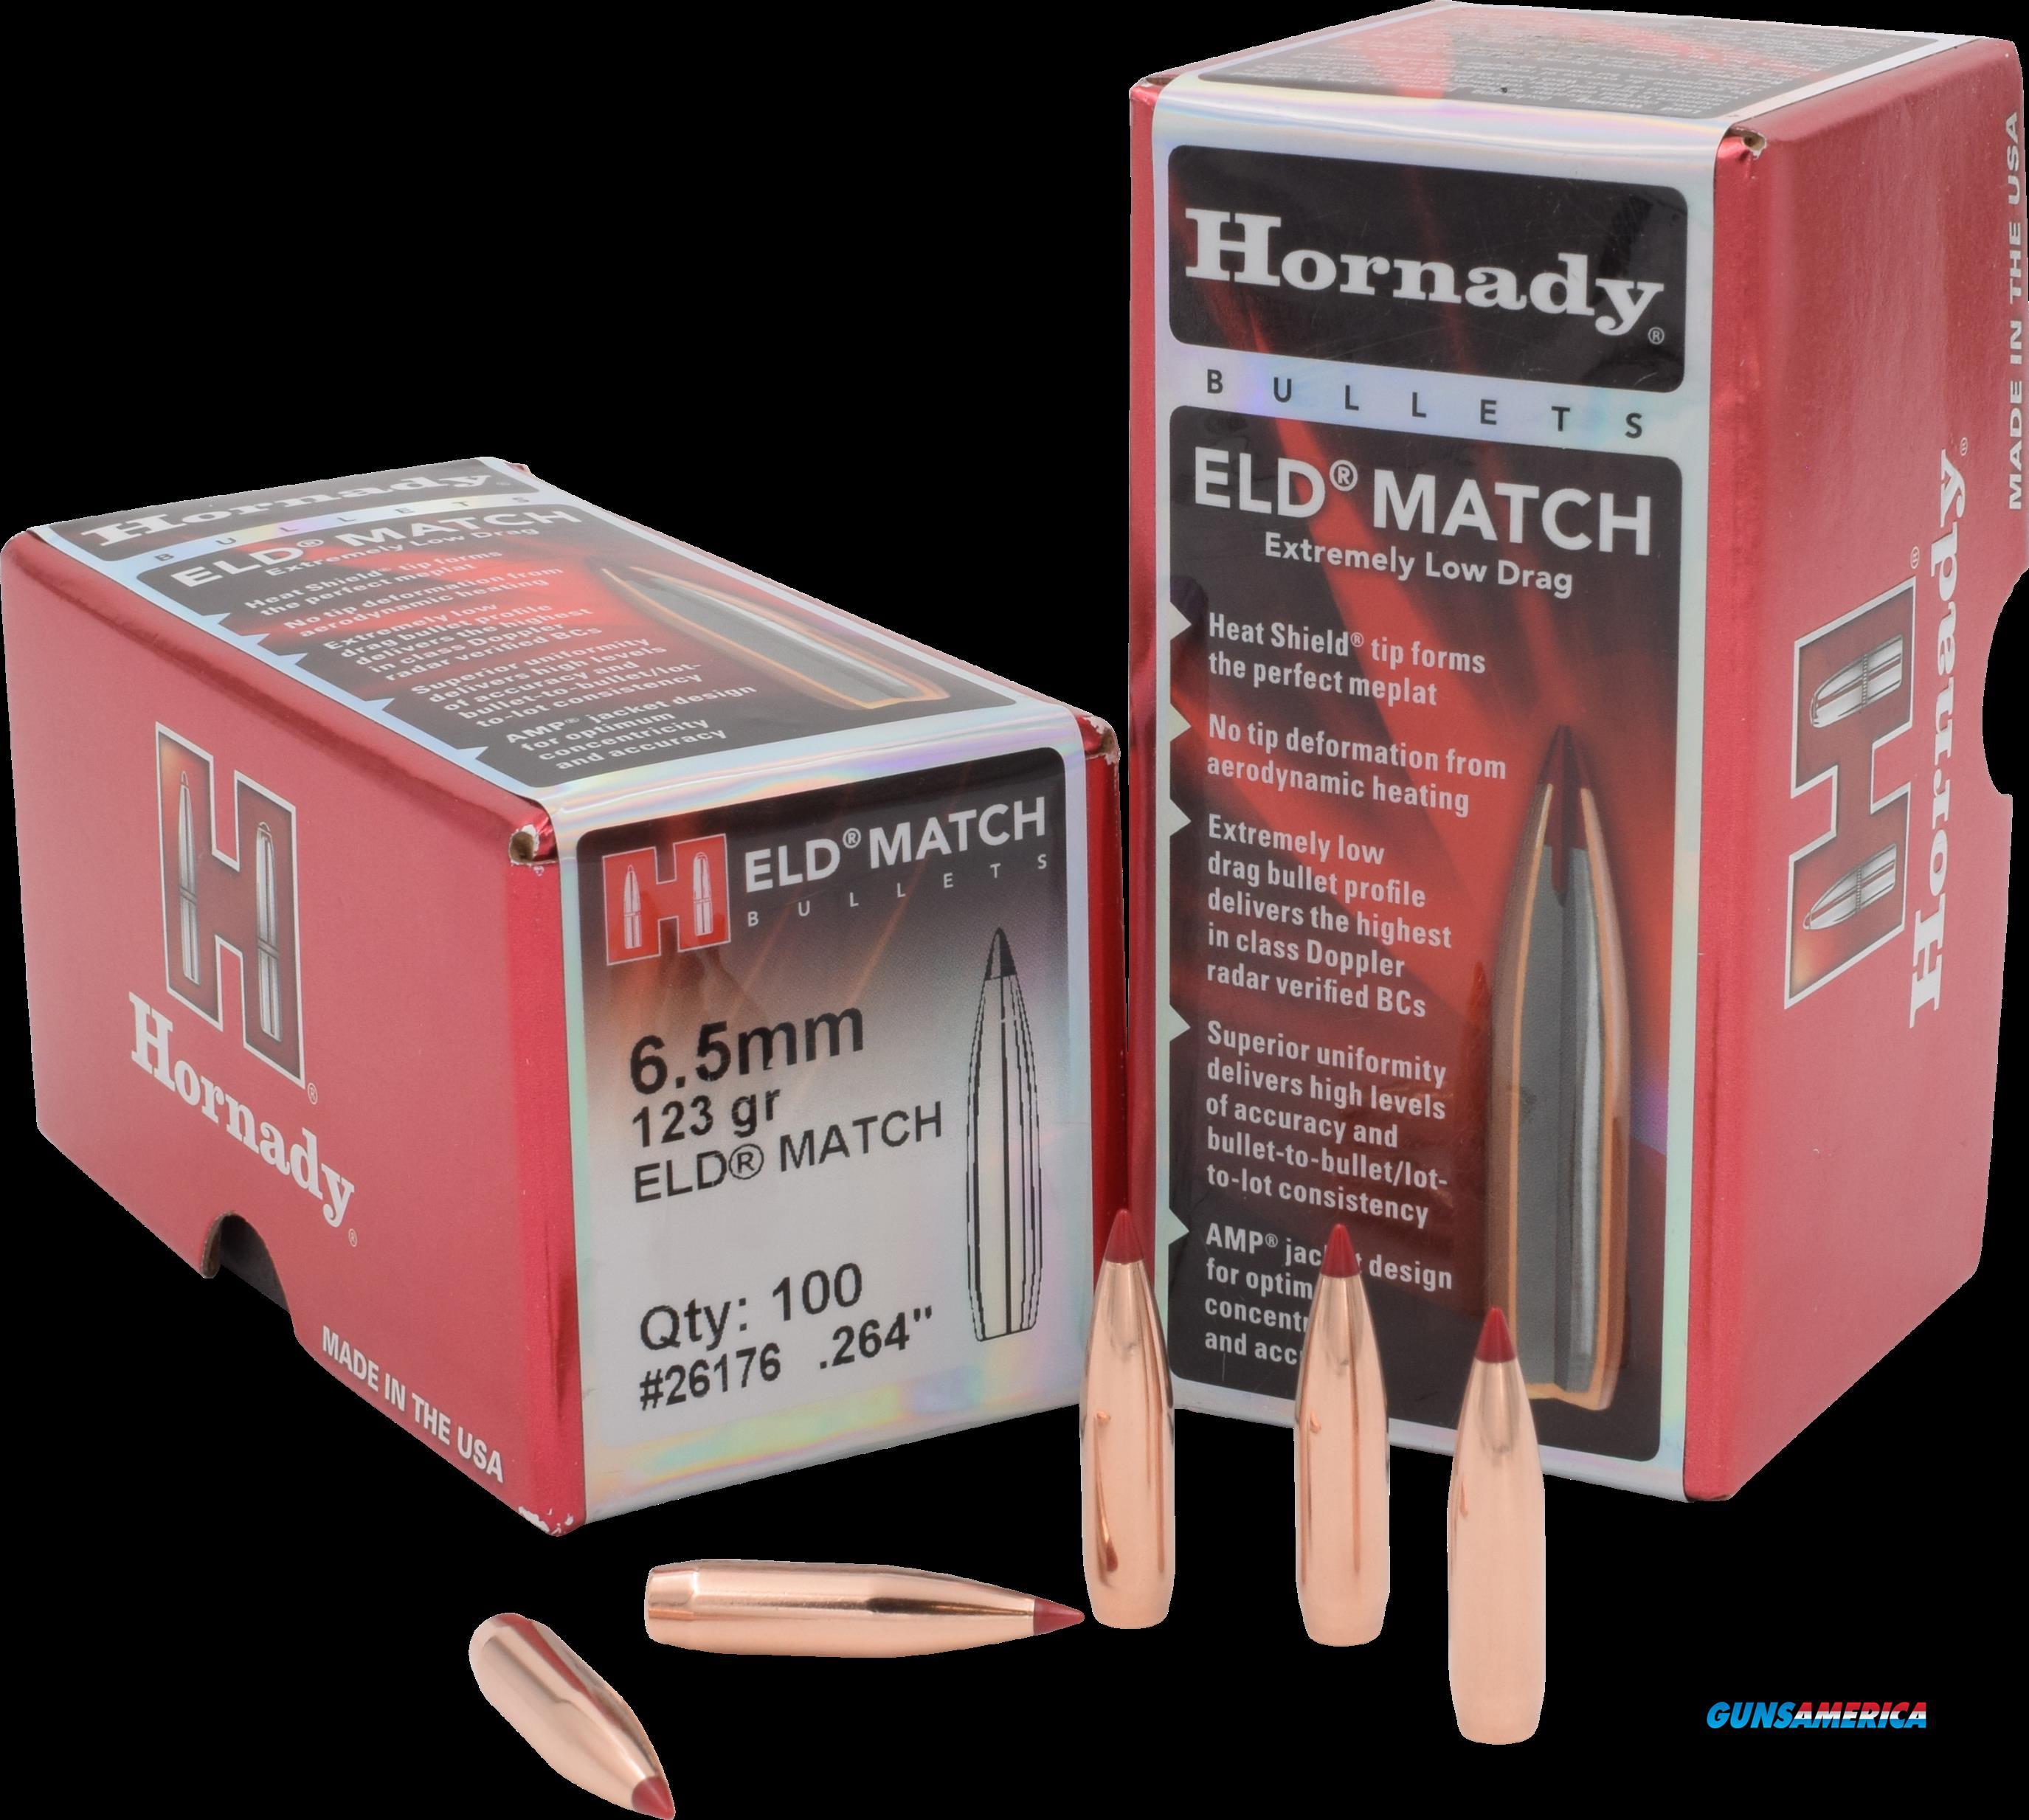 Hornady Eld Match, Horn 26176 Bull .264 123 Eld Match 100  Guns > Pistols > 1911 Pistol Copies (non-Colt)